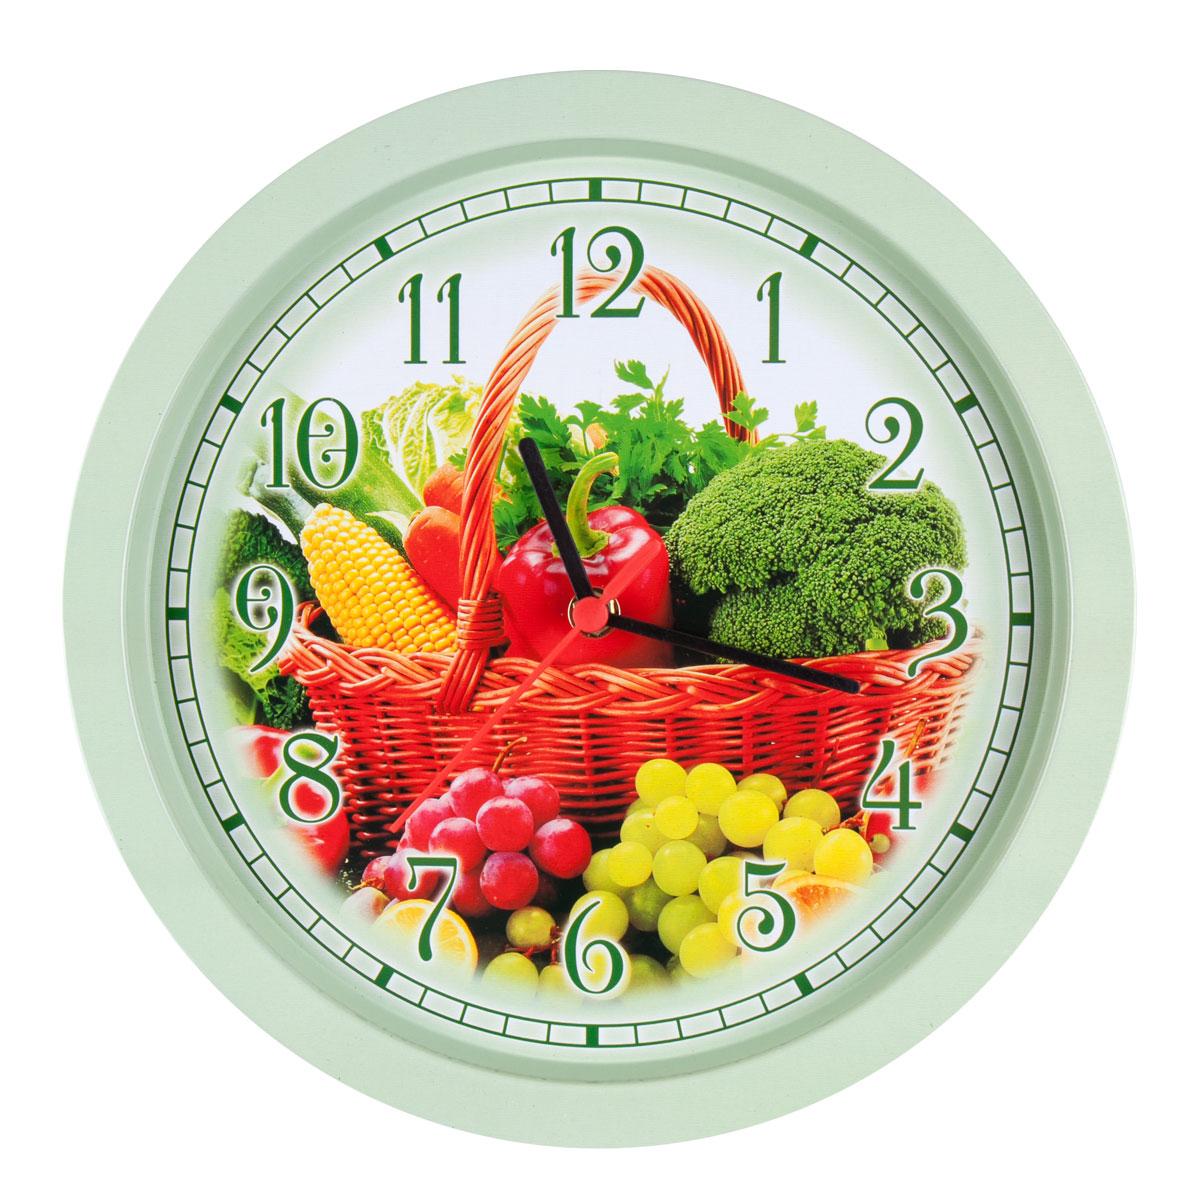 Часы настенные Miolla ОвощиCH003Оригинальные настенные часы круглой формы Miolla Овощи выполнены из металла. Часы имеют три стрелки - часовую, минутную и секундную. Необычное дизайнерское решение и качество исполнения придутся по вкусу каждому. Оформите свой дом таким интерьерным аксессуаром или преподнесите его в качестве презента друзьям, и они оценят ваш оригинальный вкус и неординарность подарка. Часы работают от 1 батарейки типа АА напряжением 1,5 В. Диаметр часов: 33 см.